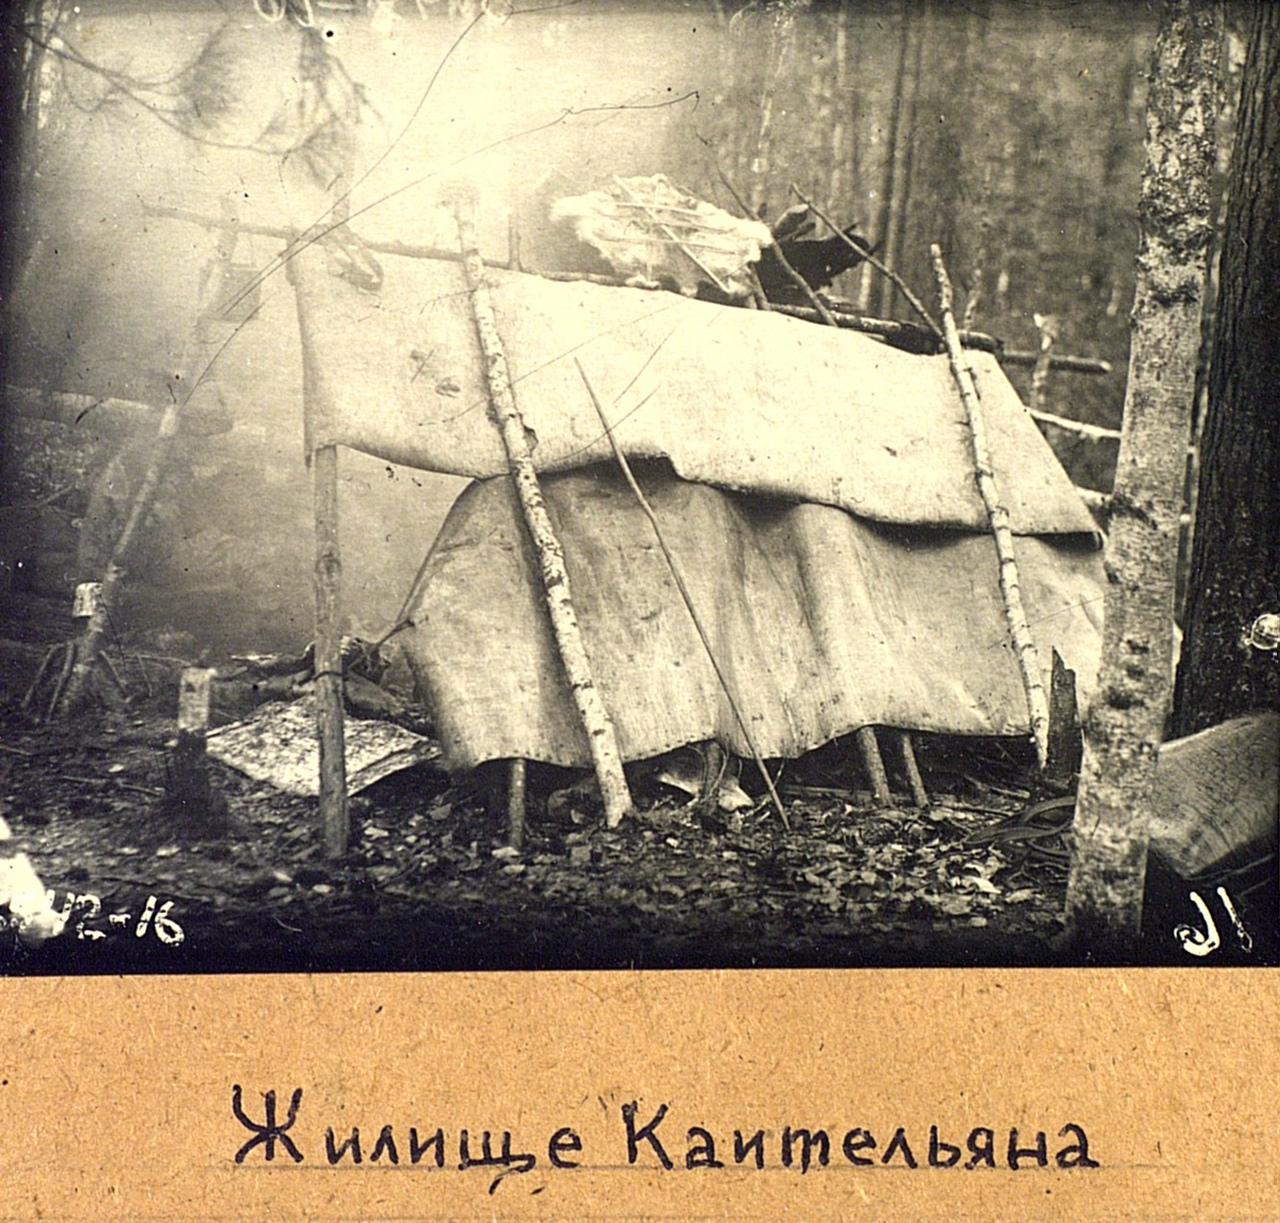 Жилище охотника Коительяна. Эвенки (тунгусы). Омская область, Тарский район. 1926. № 3542-16.